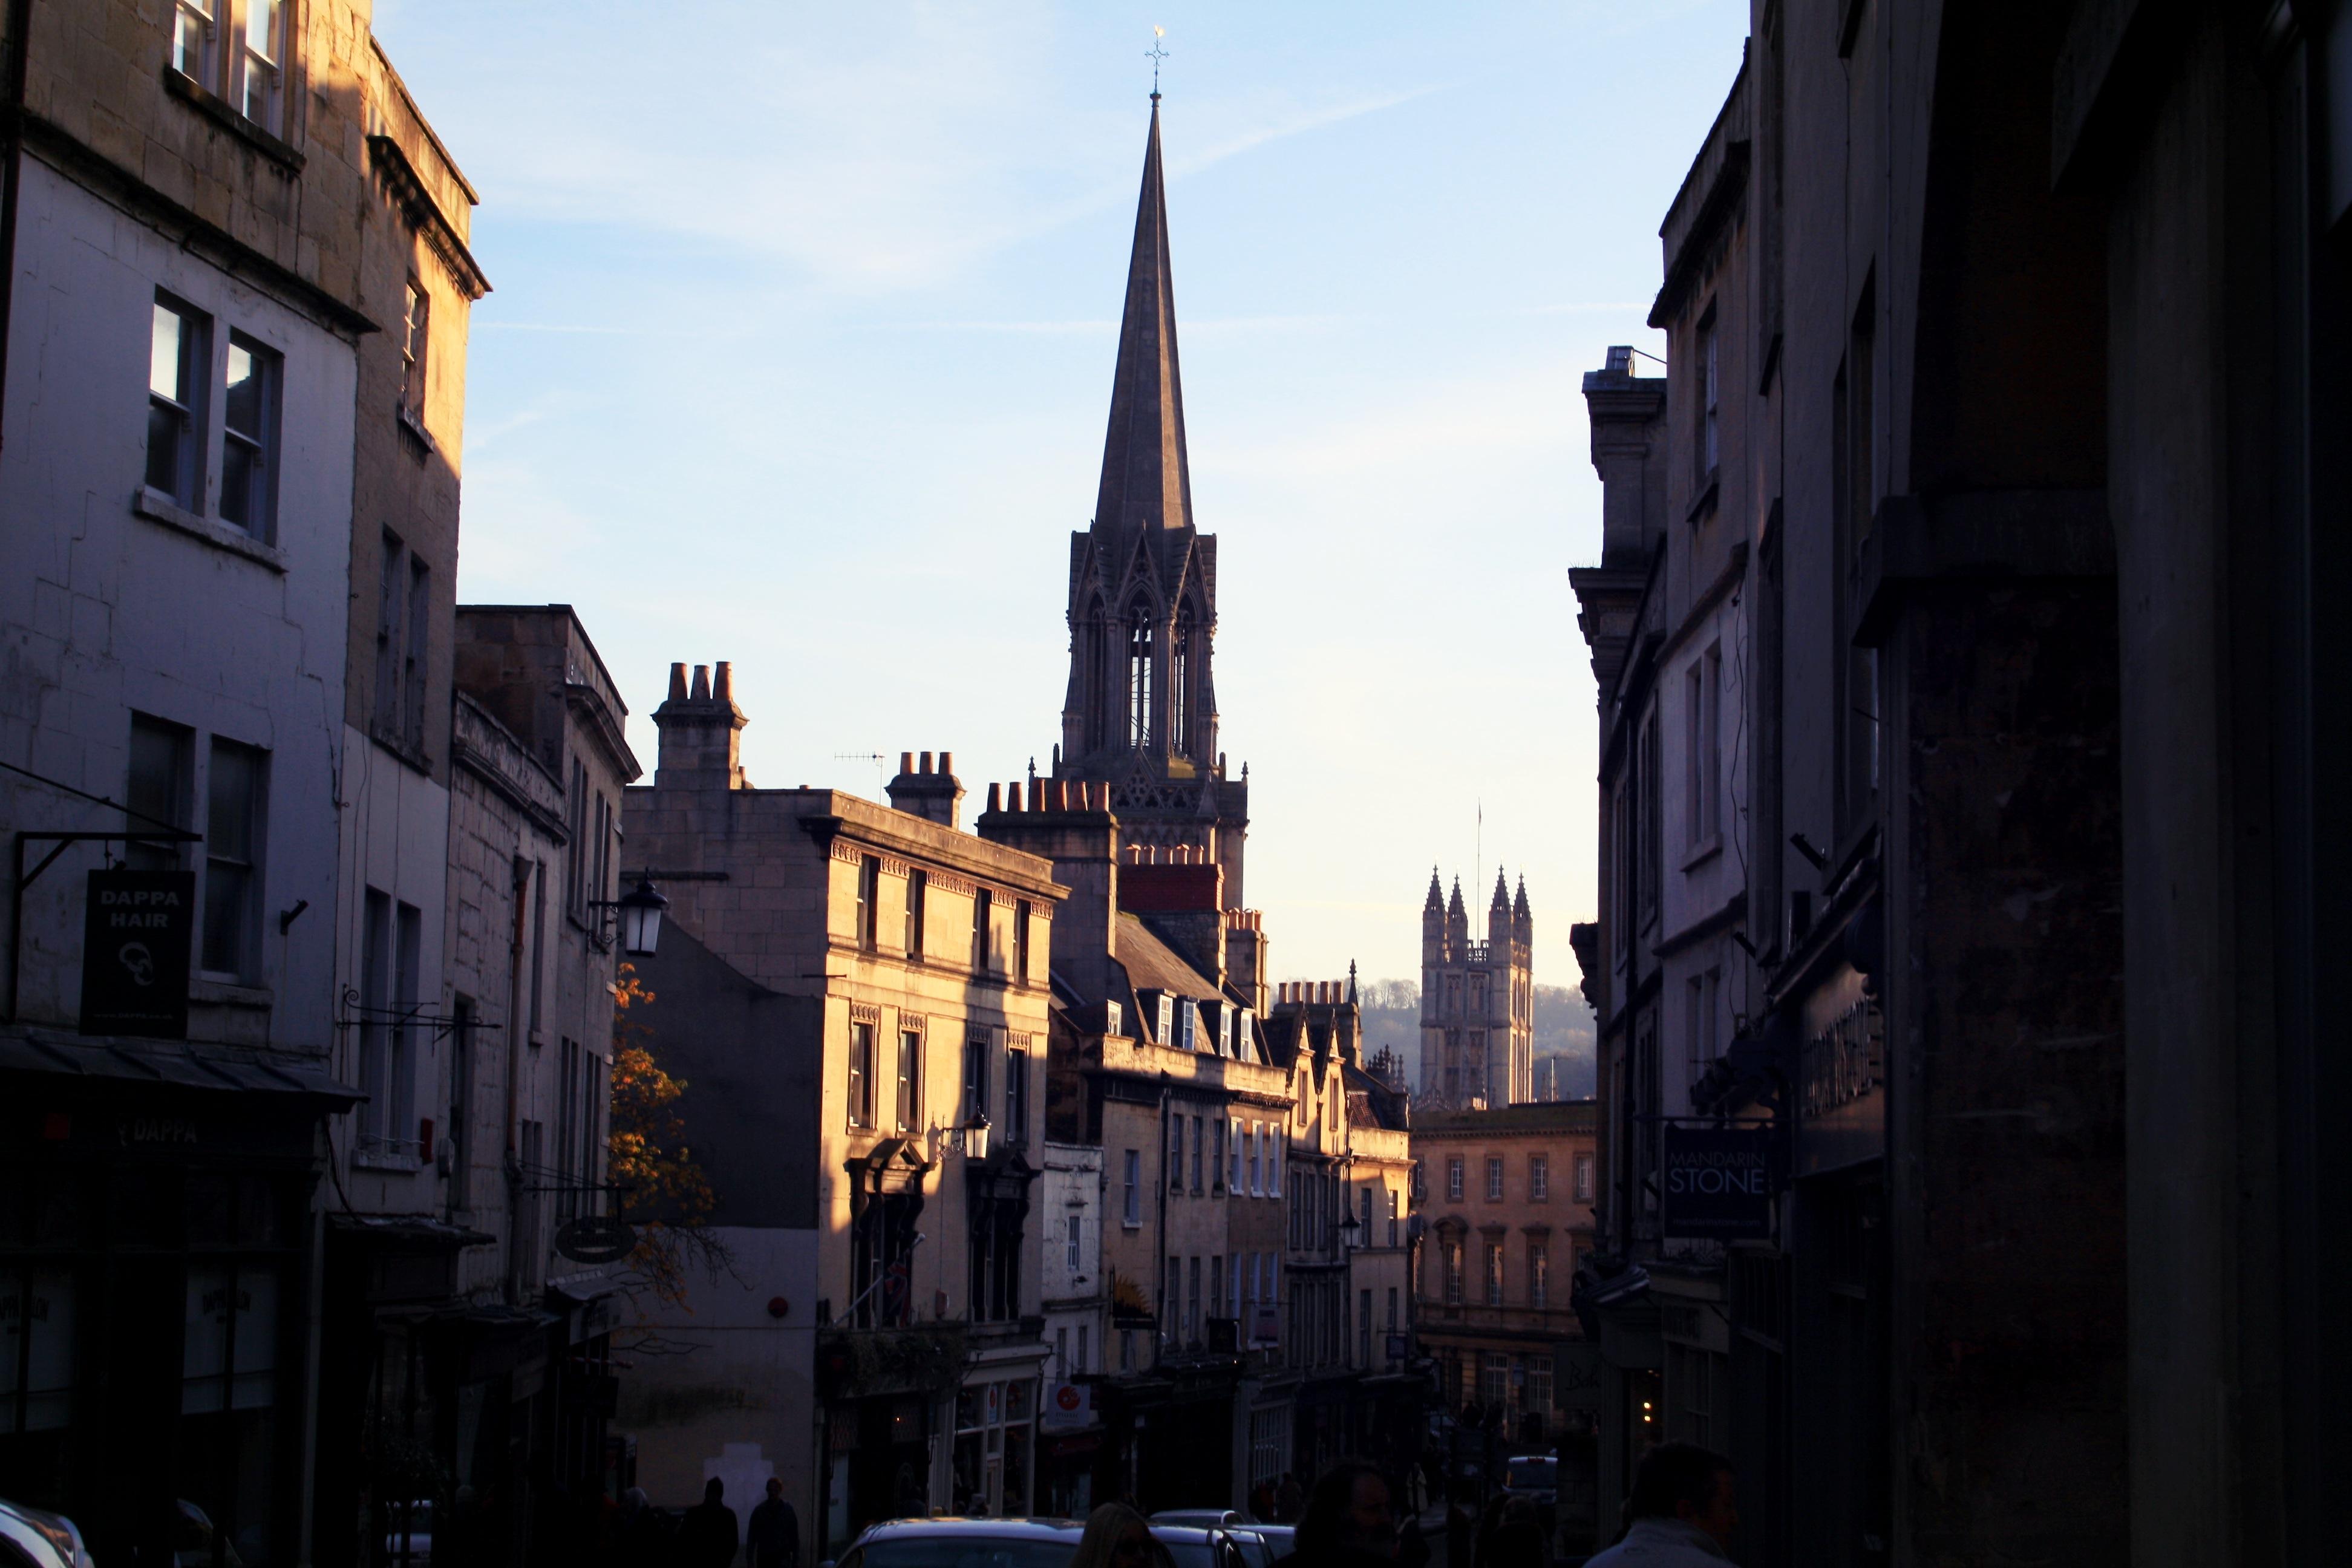 Un week-end à Bath - Les petites joies de la vie londonienne